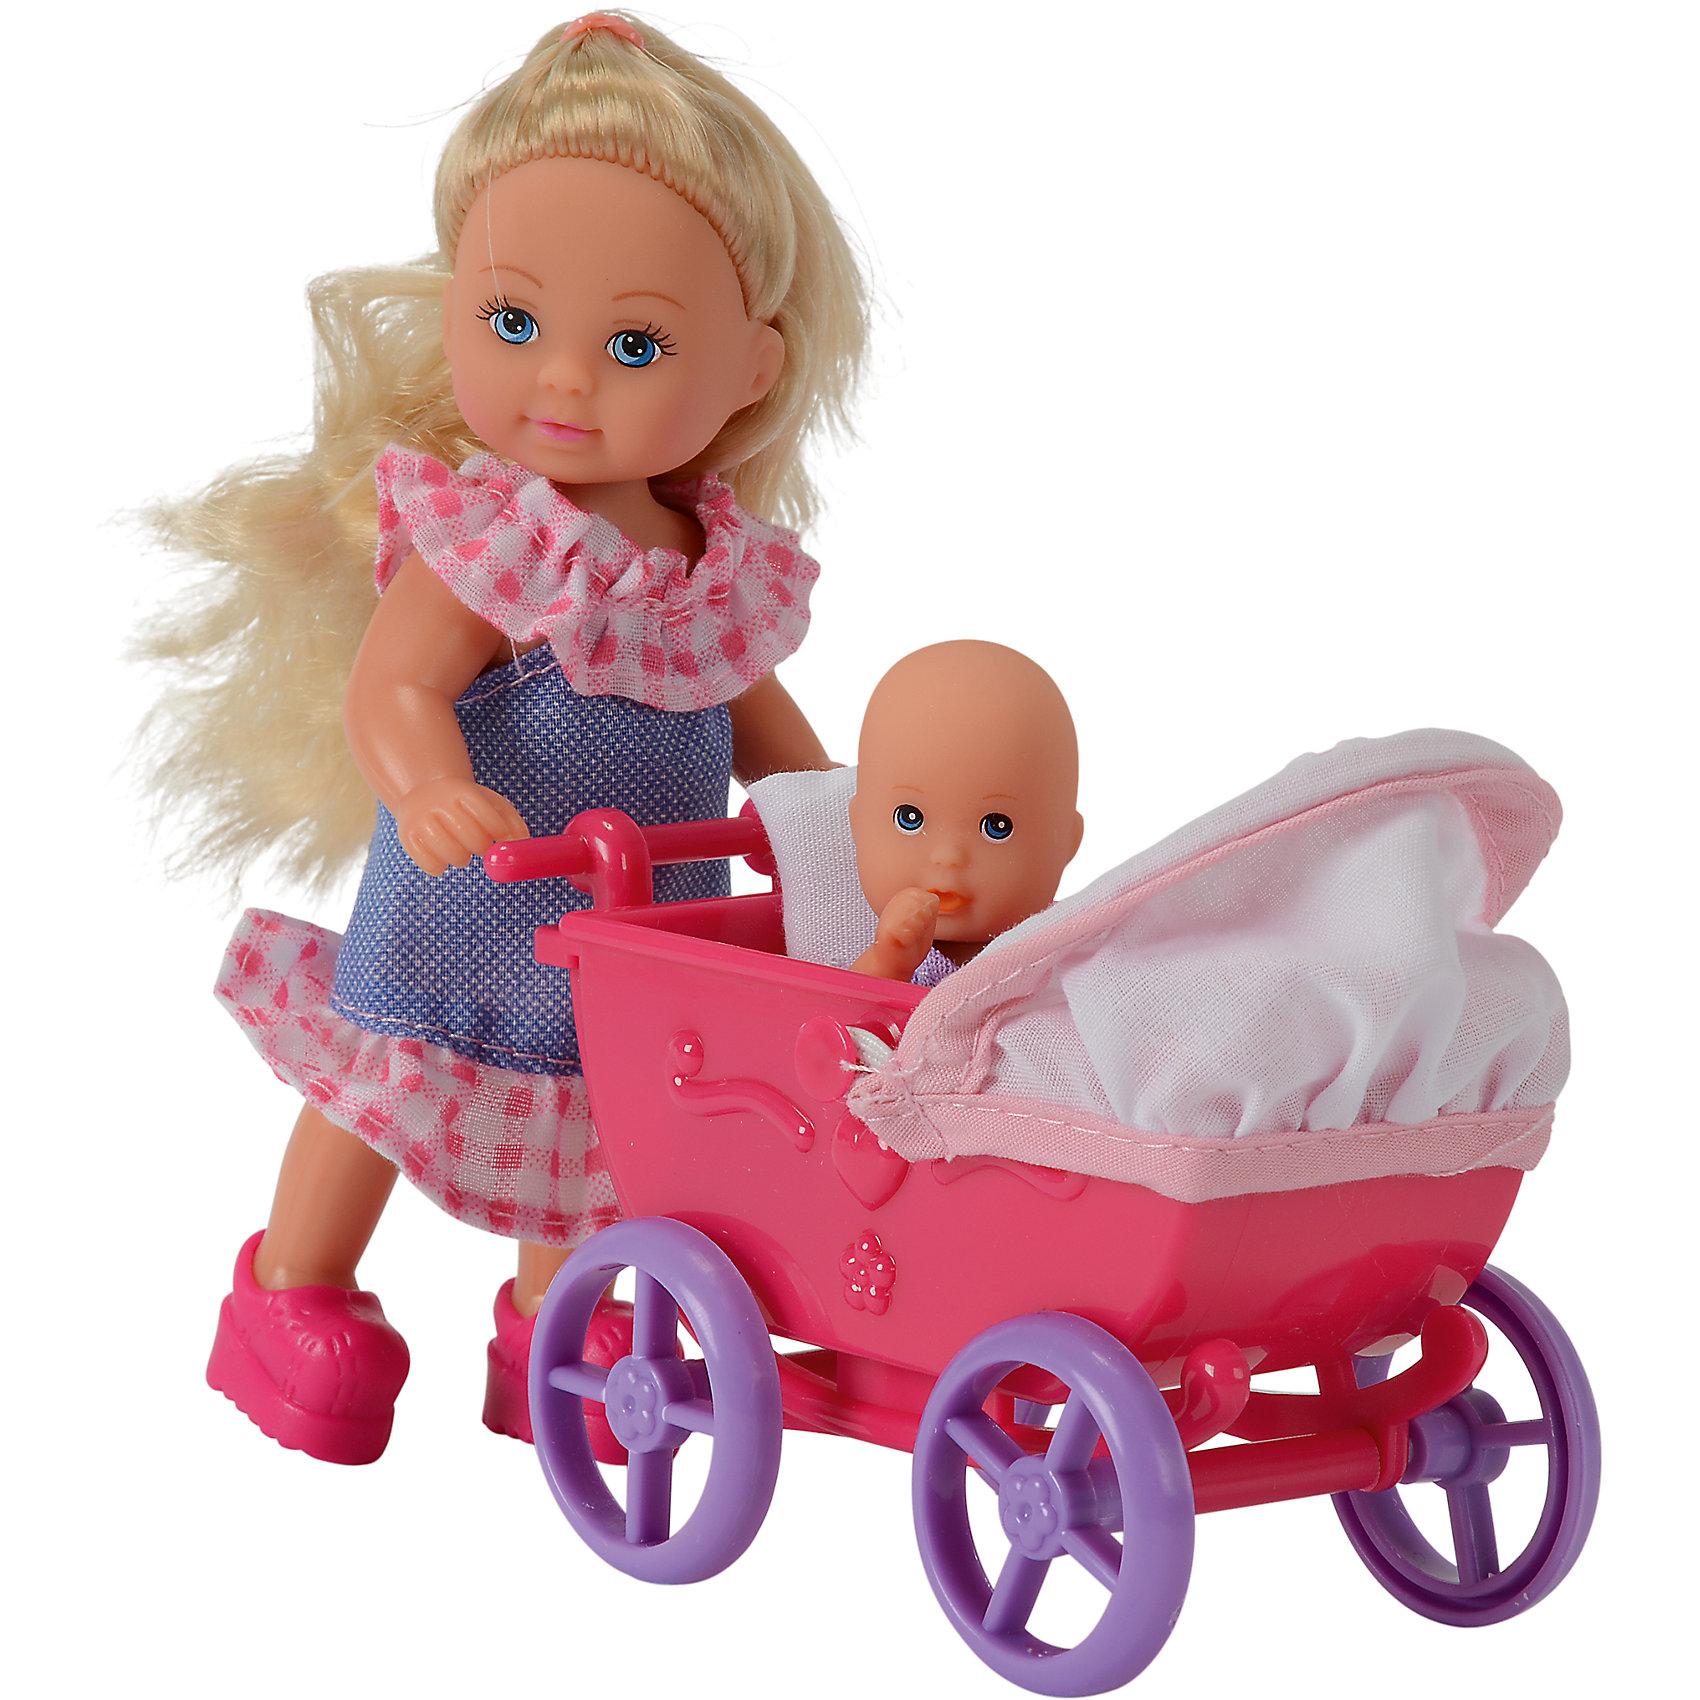 Кукла Еви с малышом на прогулке, Simba, в ассортиментеSteffi и Evi Love<br>Характеристики товара:<br><br>- цвет: разноцветный;<br>- материал: пластик;<br>- возраст: от трех лет;<br>- комплектация: кукла, аксессуары, пупс;<br>- высота куклы: 12 см.<br><br>Эта симпатичная кукла Еви от известного бренда не оставит девочку равнодушной! Какая девочка сможет отказаться поиграть с куклами, которые дополнены набором в виде ребенка и предметов для него?! В набор входят аксессуары для игр с куклой. Игрушка очень качественно выполнена, поэтому она станет замечательным подарком ребенку. <br>Продается набор в красивой удобной упаковке. Изделие произведено из высококачественного материала, безопасного для детей.<br><br>Куклу Еви с малышом на прогулке с акс от бренда Simba можно купить в нашем интернет-магазине.<br><br>Ширина мм: 220<br>Глубина мм: 60<br>Высота мм: 160<br>Вес г: 158<br>Возраст от месяцев: 48<br>Возраст до месяцев: 144<br>Пол: Женский<br>Возраст: Детский<br>SKU: 1841901